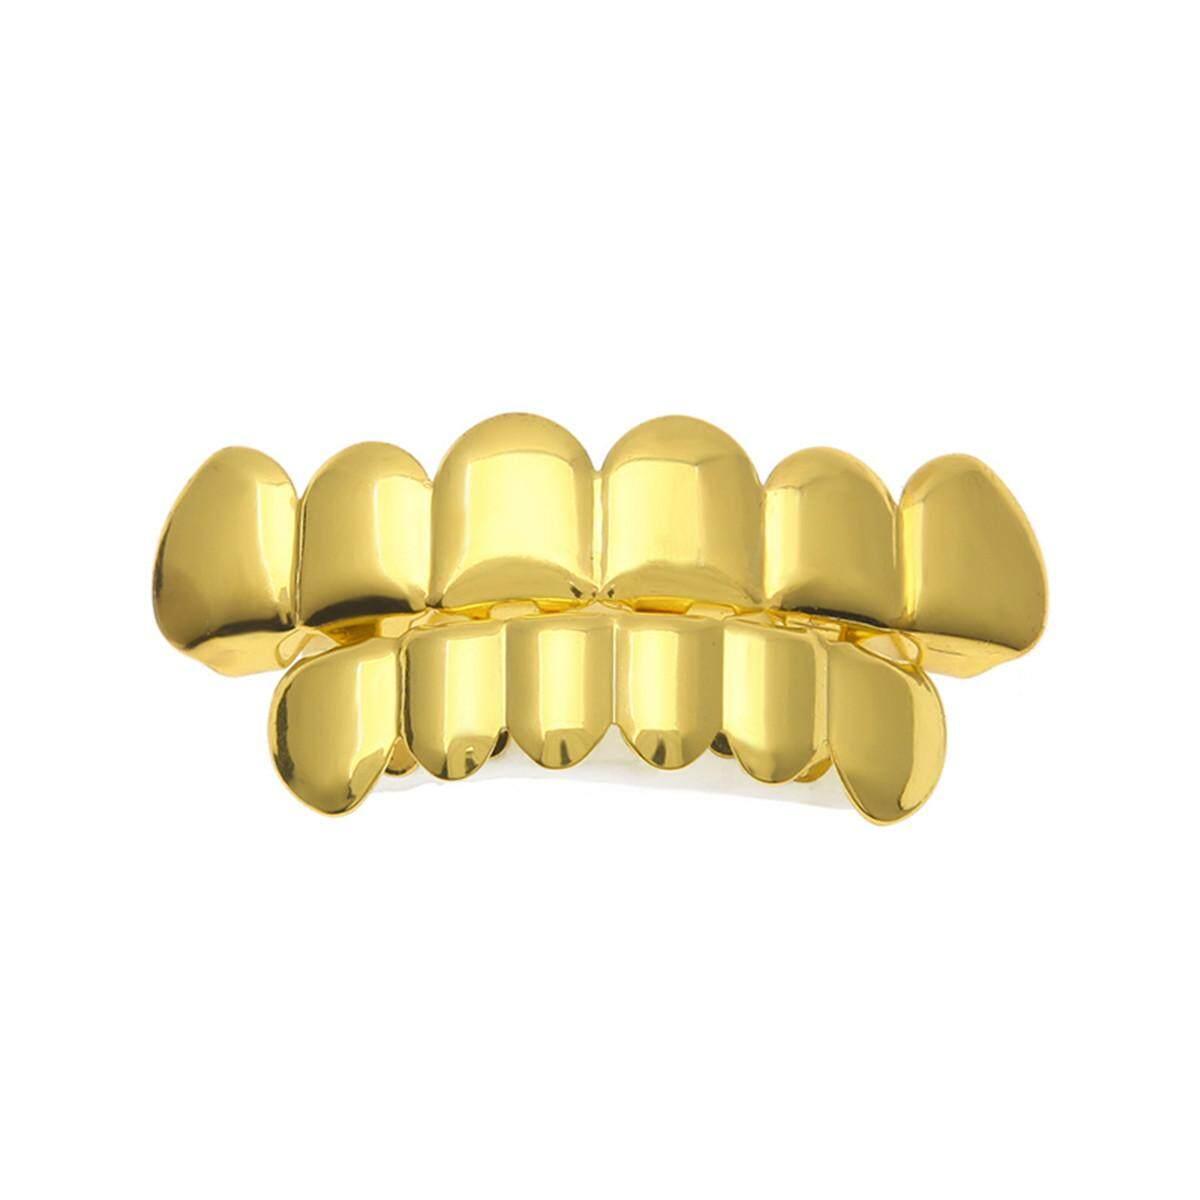 Hình ảnh Mạ vàng Hip Hop Răng Khuôn Răng Nón & Răng Dưới Vỉ Nướng Trang Trí Tiệc # Cài Vàng